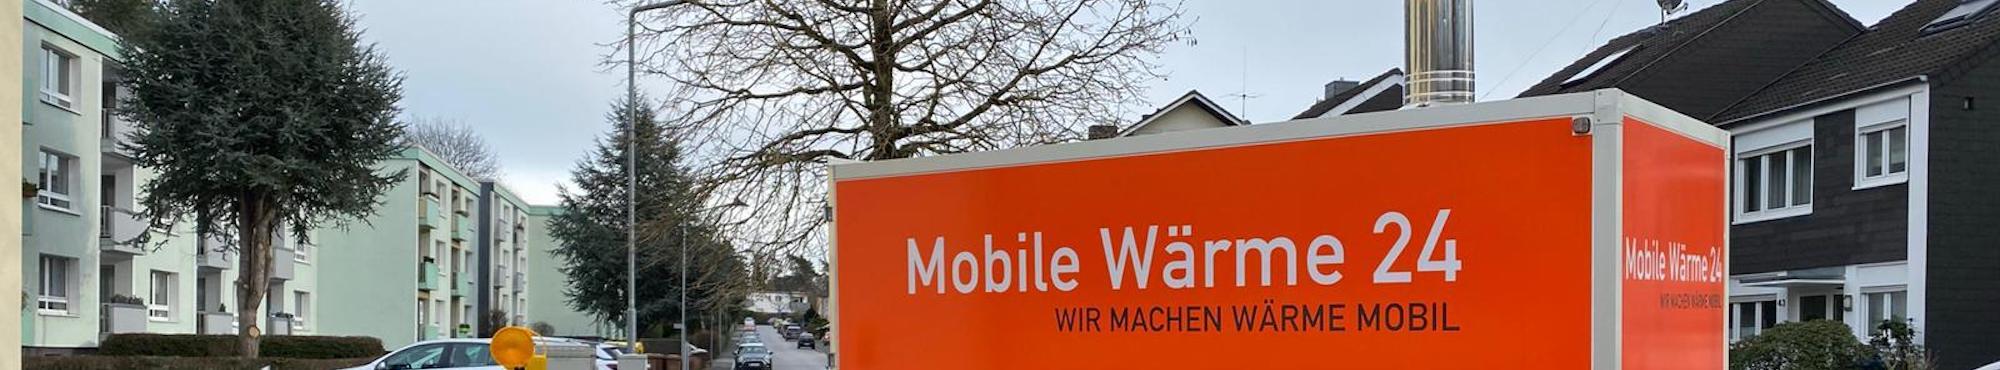 Heizmobil von Mobile Wärme 24 in Wohngebiet